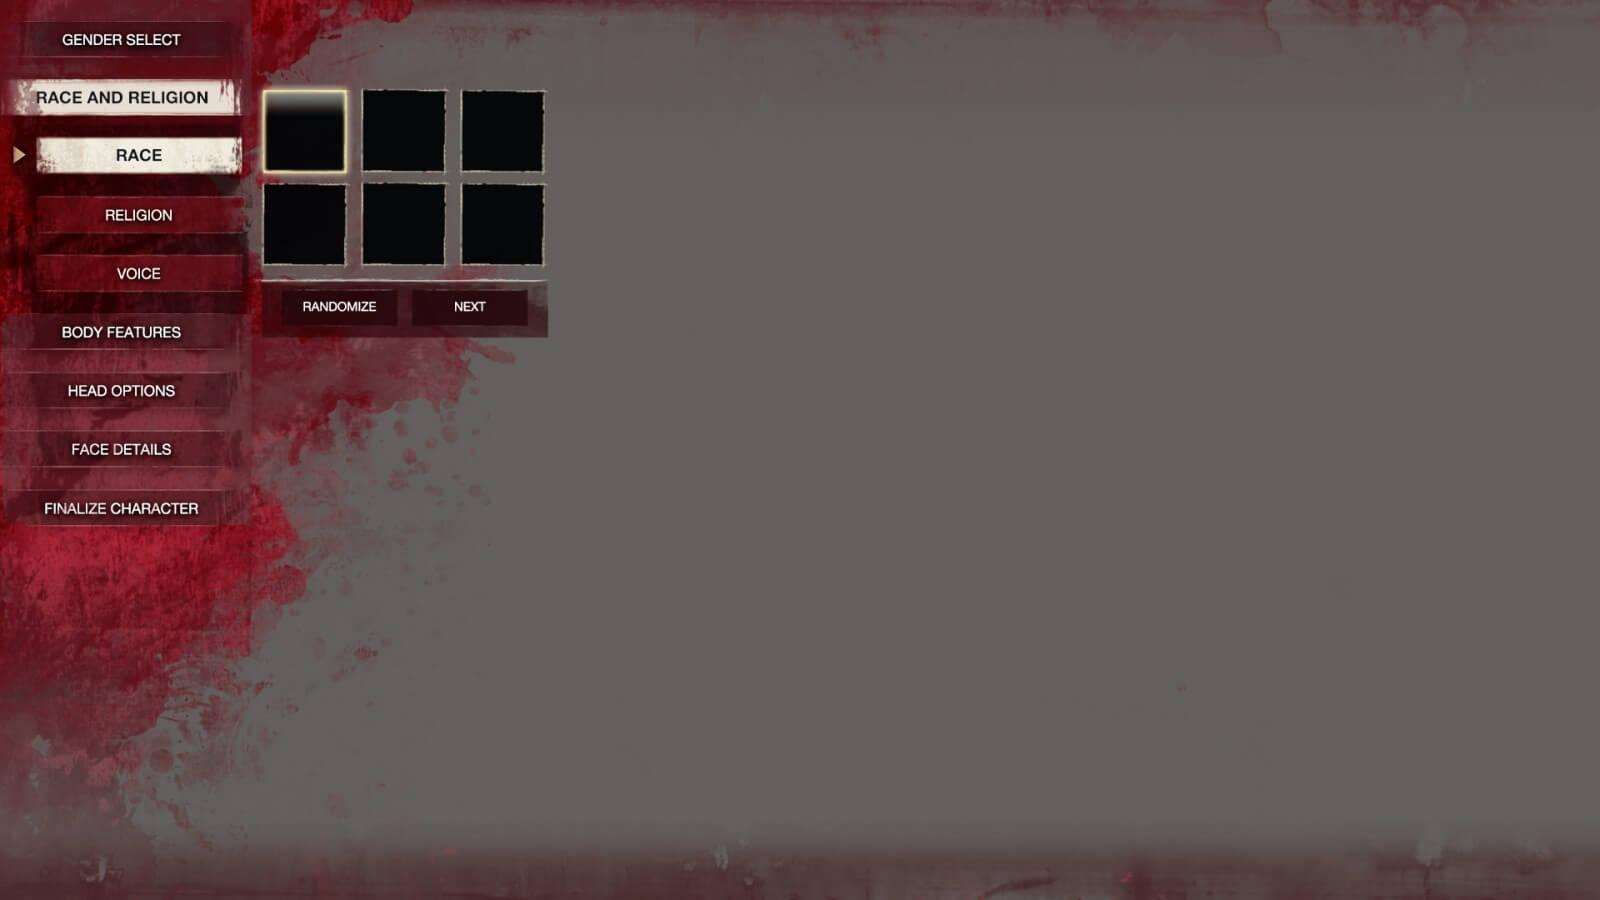 Conan Exiles - UI Design - Character Creator Race Selector